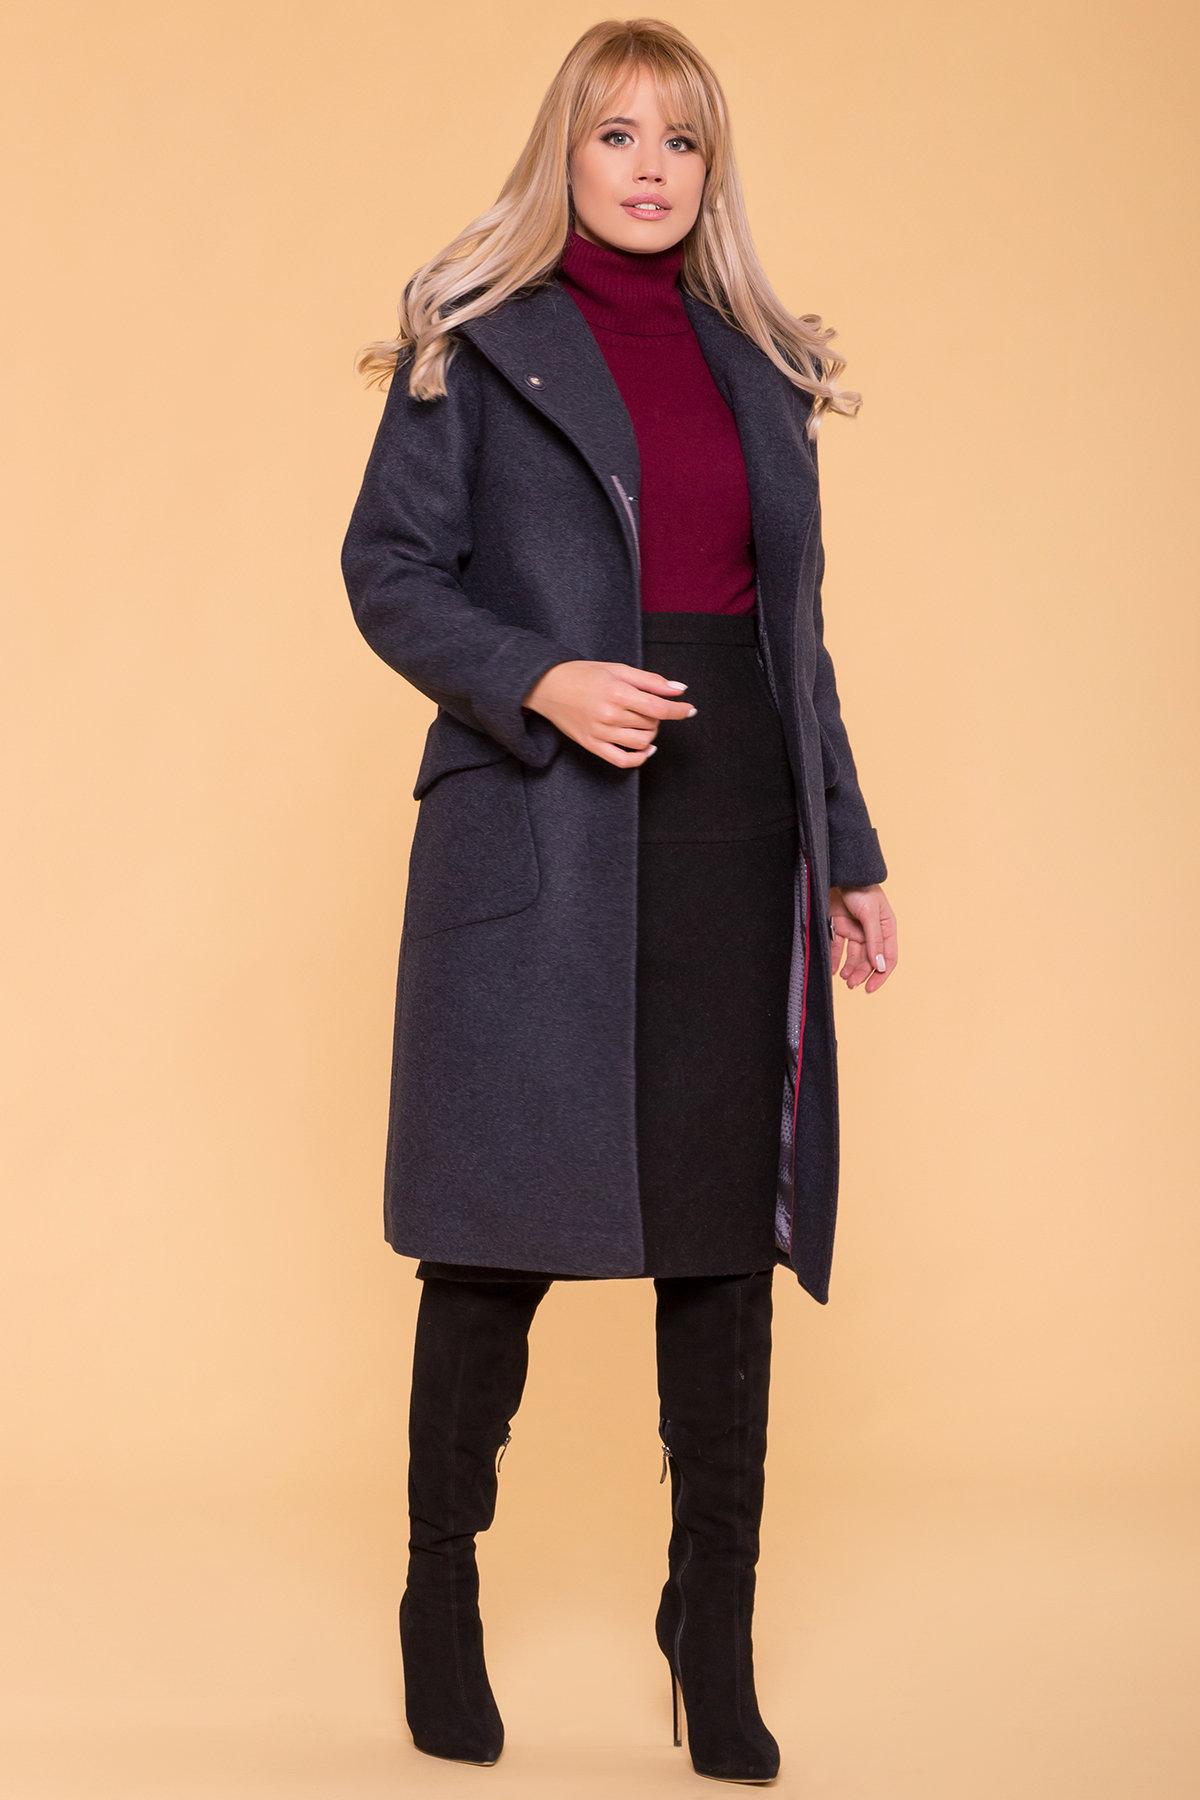 Пальто зима Анджи 5501 АРТ. 37018 Цвет: Синий/Зеленый 72 - фото 3, интернет магазин tm-modus.ru